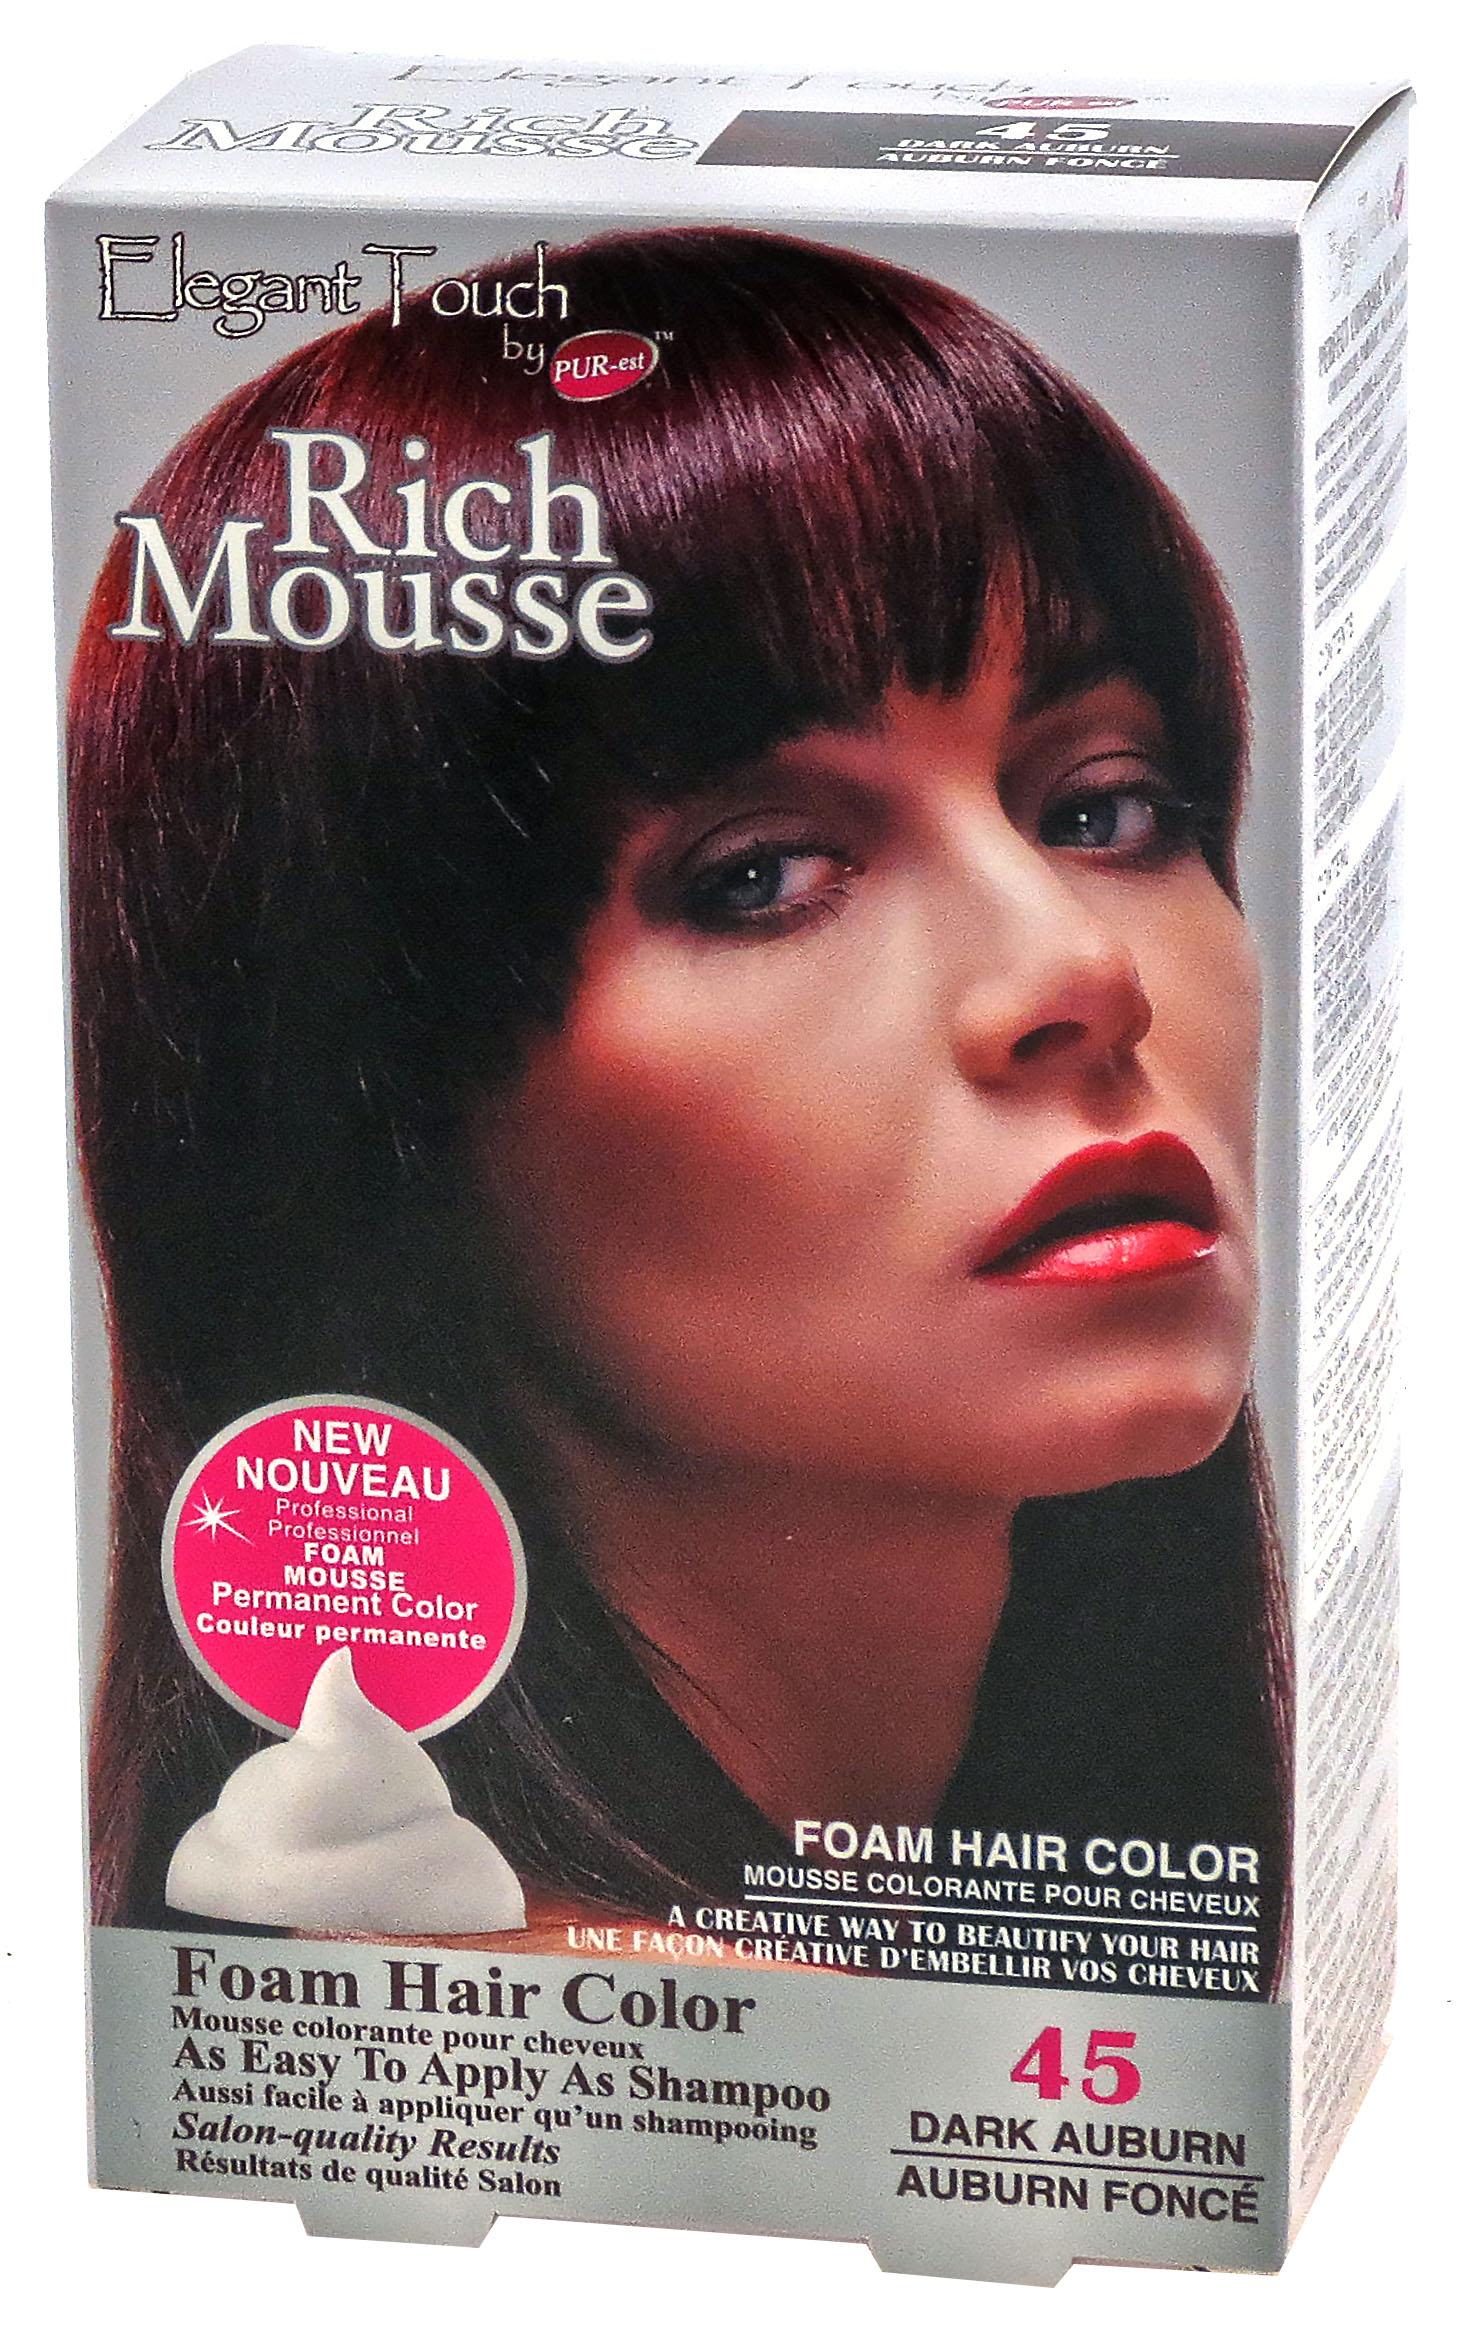 Foam Hair Color Rich Mousse Dark Auburn #45, Elegant Touch by PUR ...